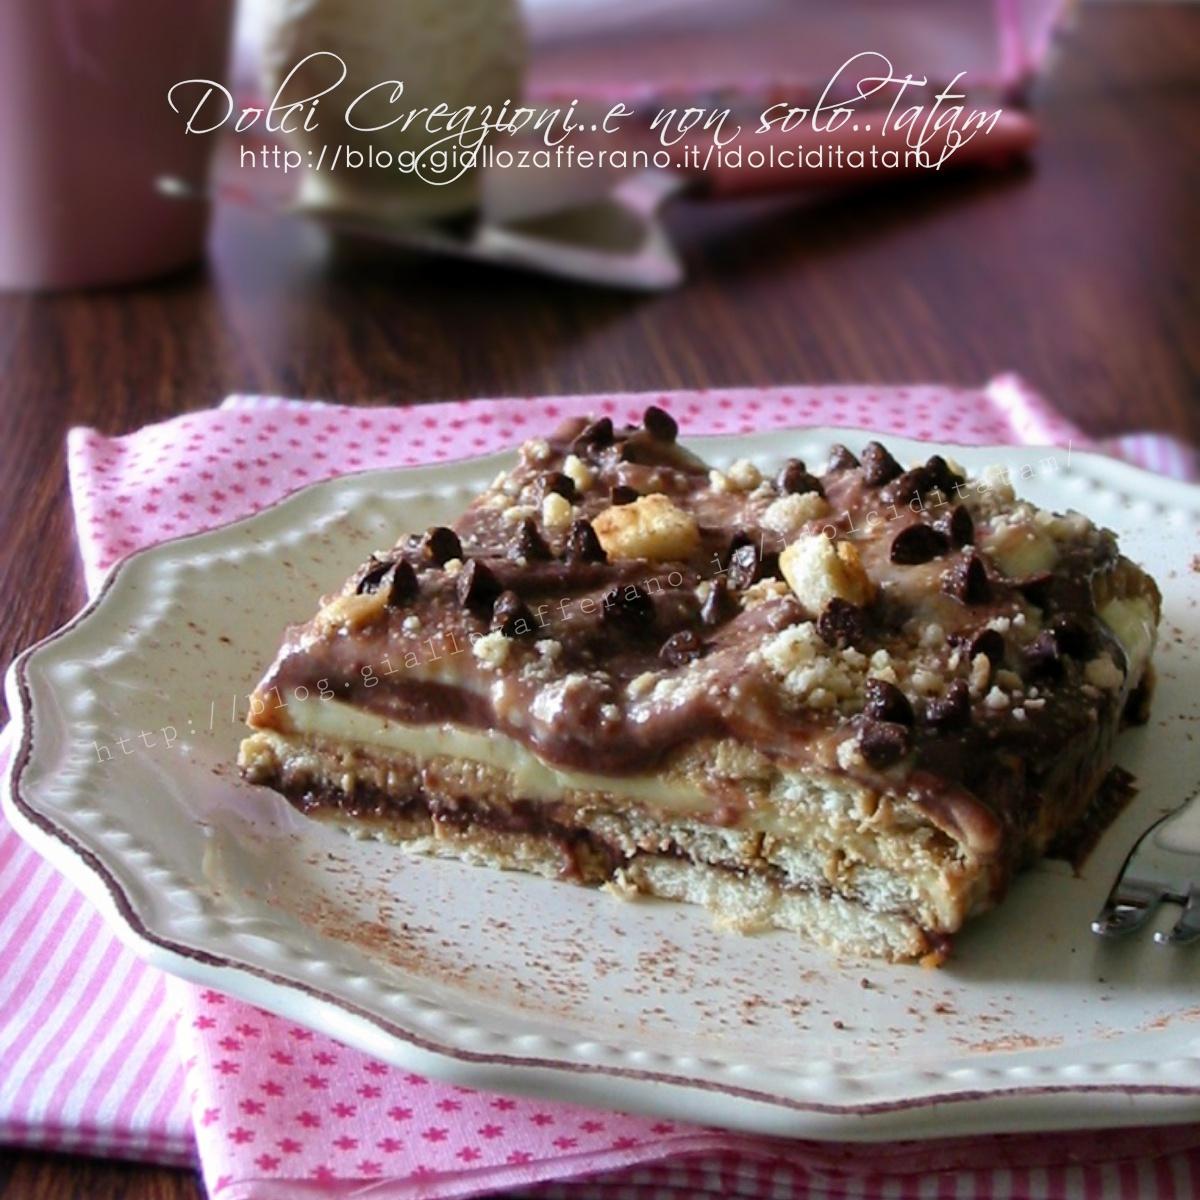 Bien connu Dolce veloce con biscotti e budino, vaniglia e cioccolato NL35